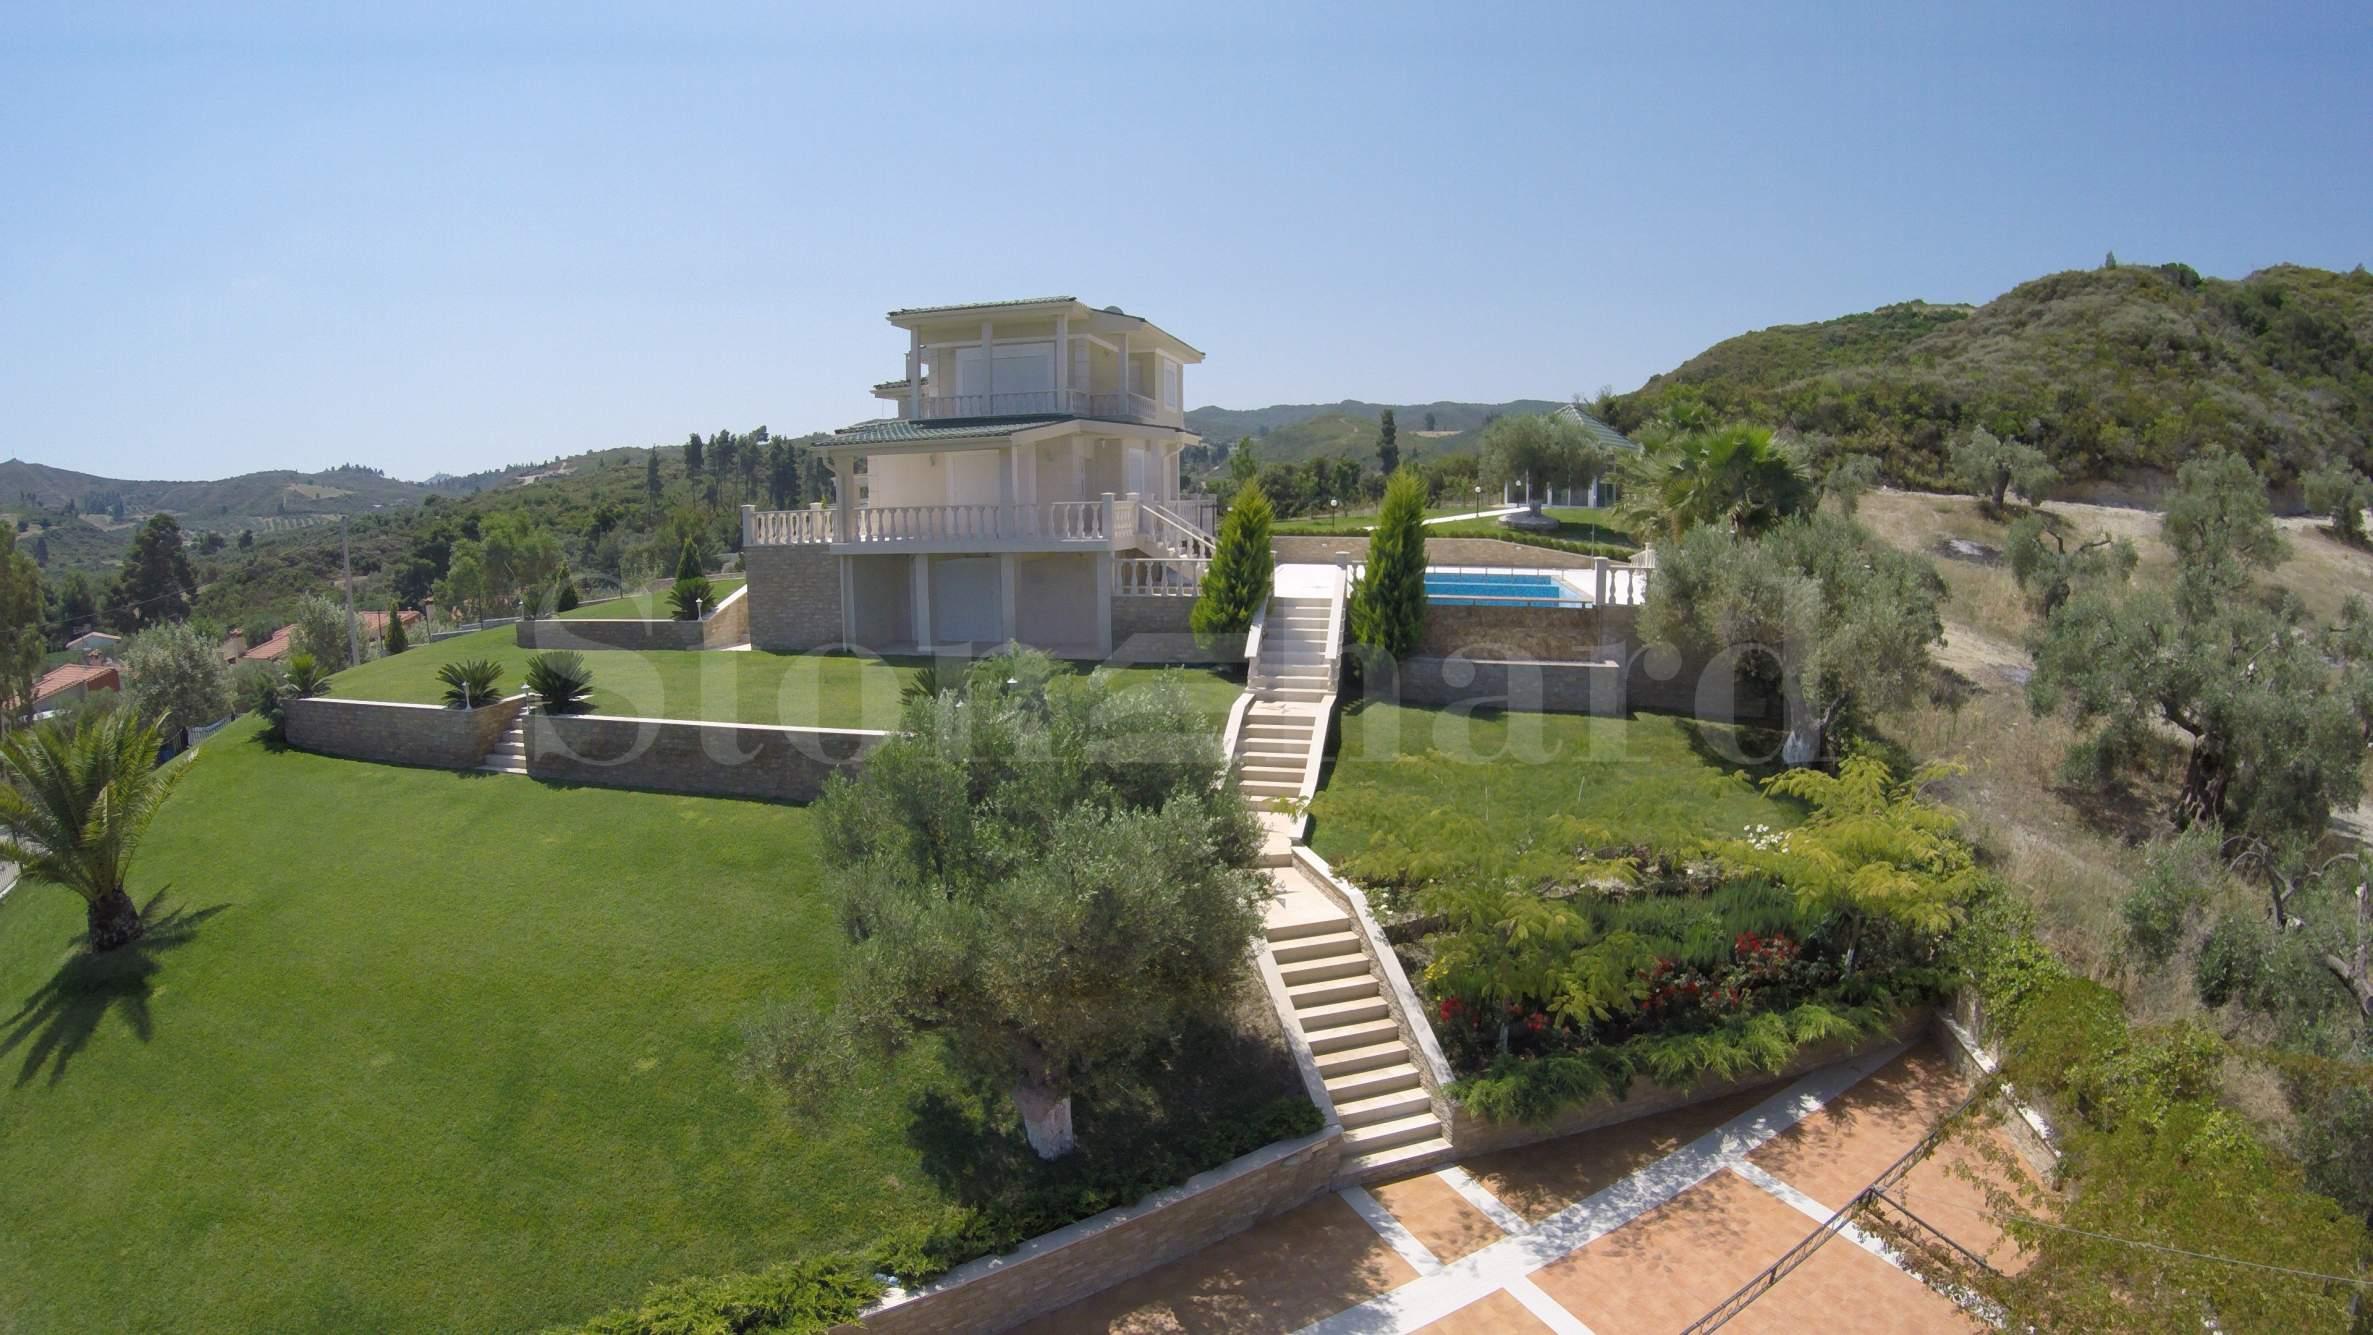 Нови вили готови за нанасяне с басейн и панорамна гледка2 - Stonehard